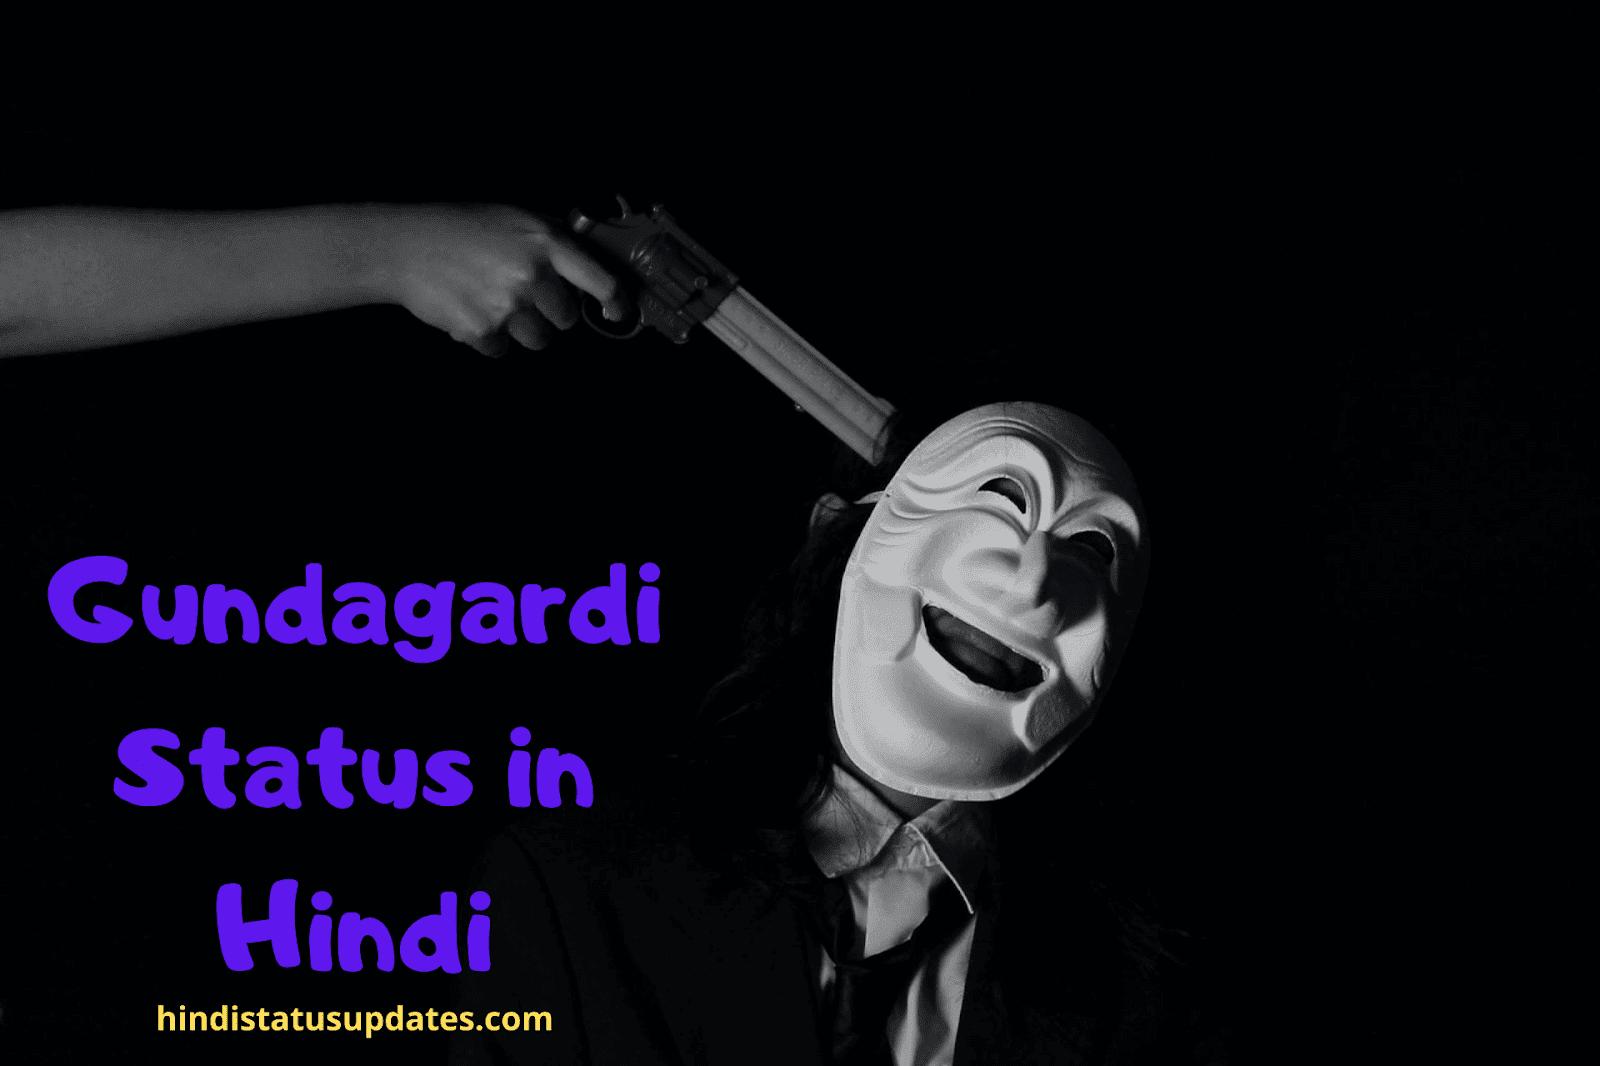 Gundagardi Status